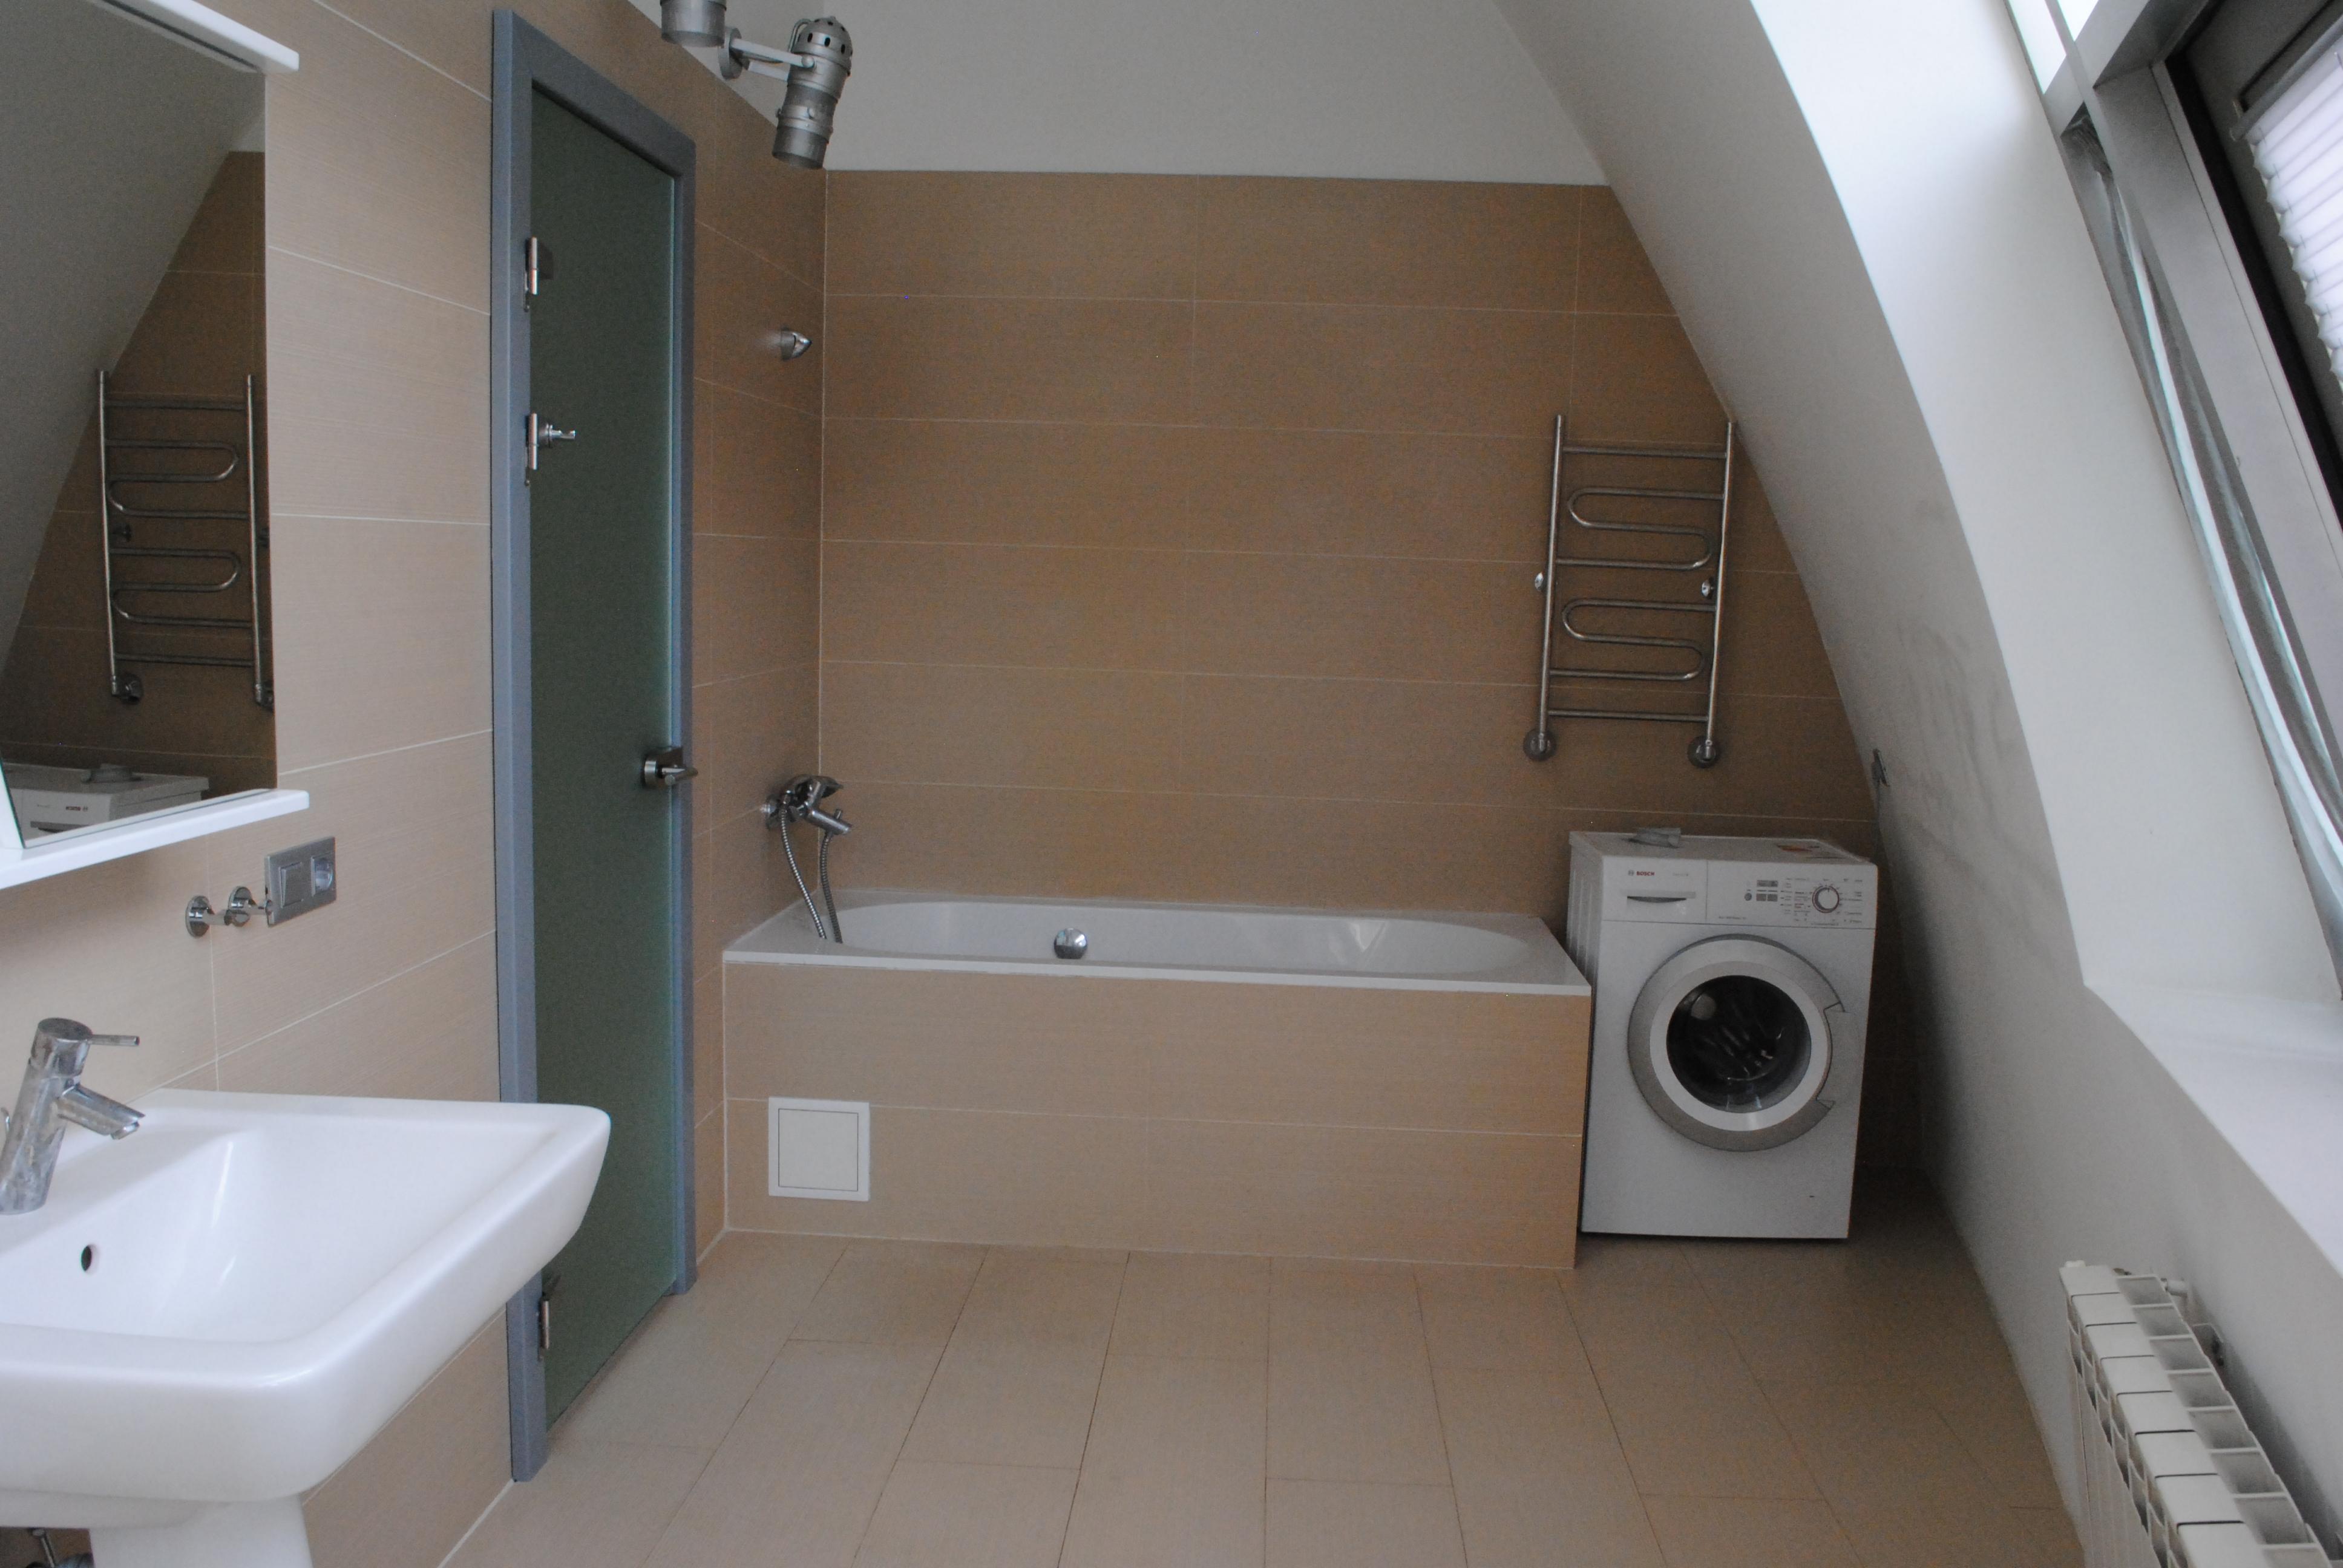 Апартамент 7 (2эт) санузел